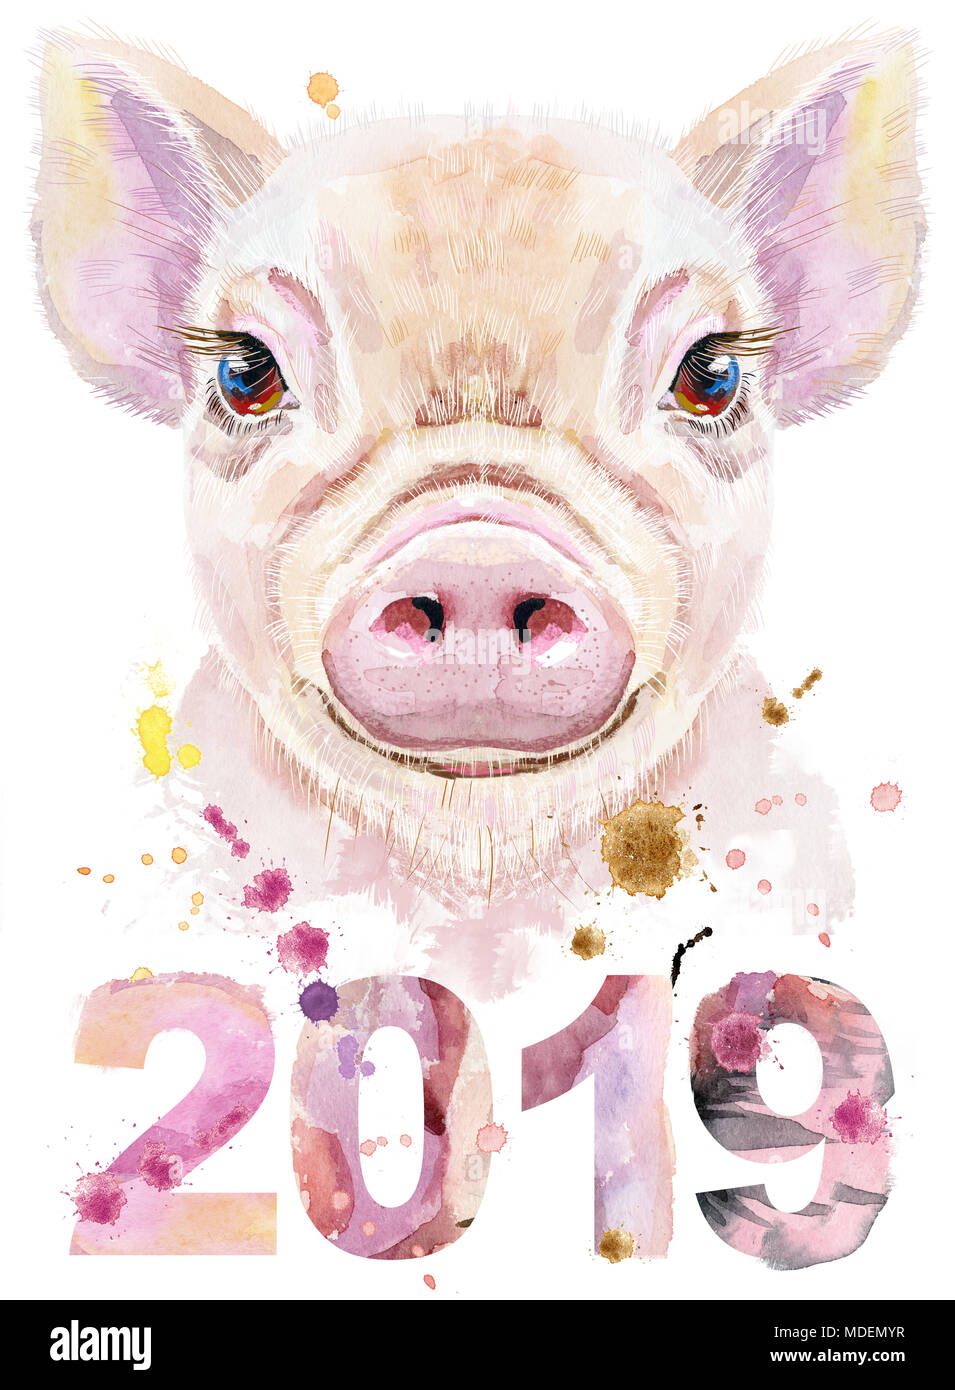 Pig Sketch Stockfotos & Pig Sketch Bilder - Seite 2 - Alamy